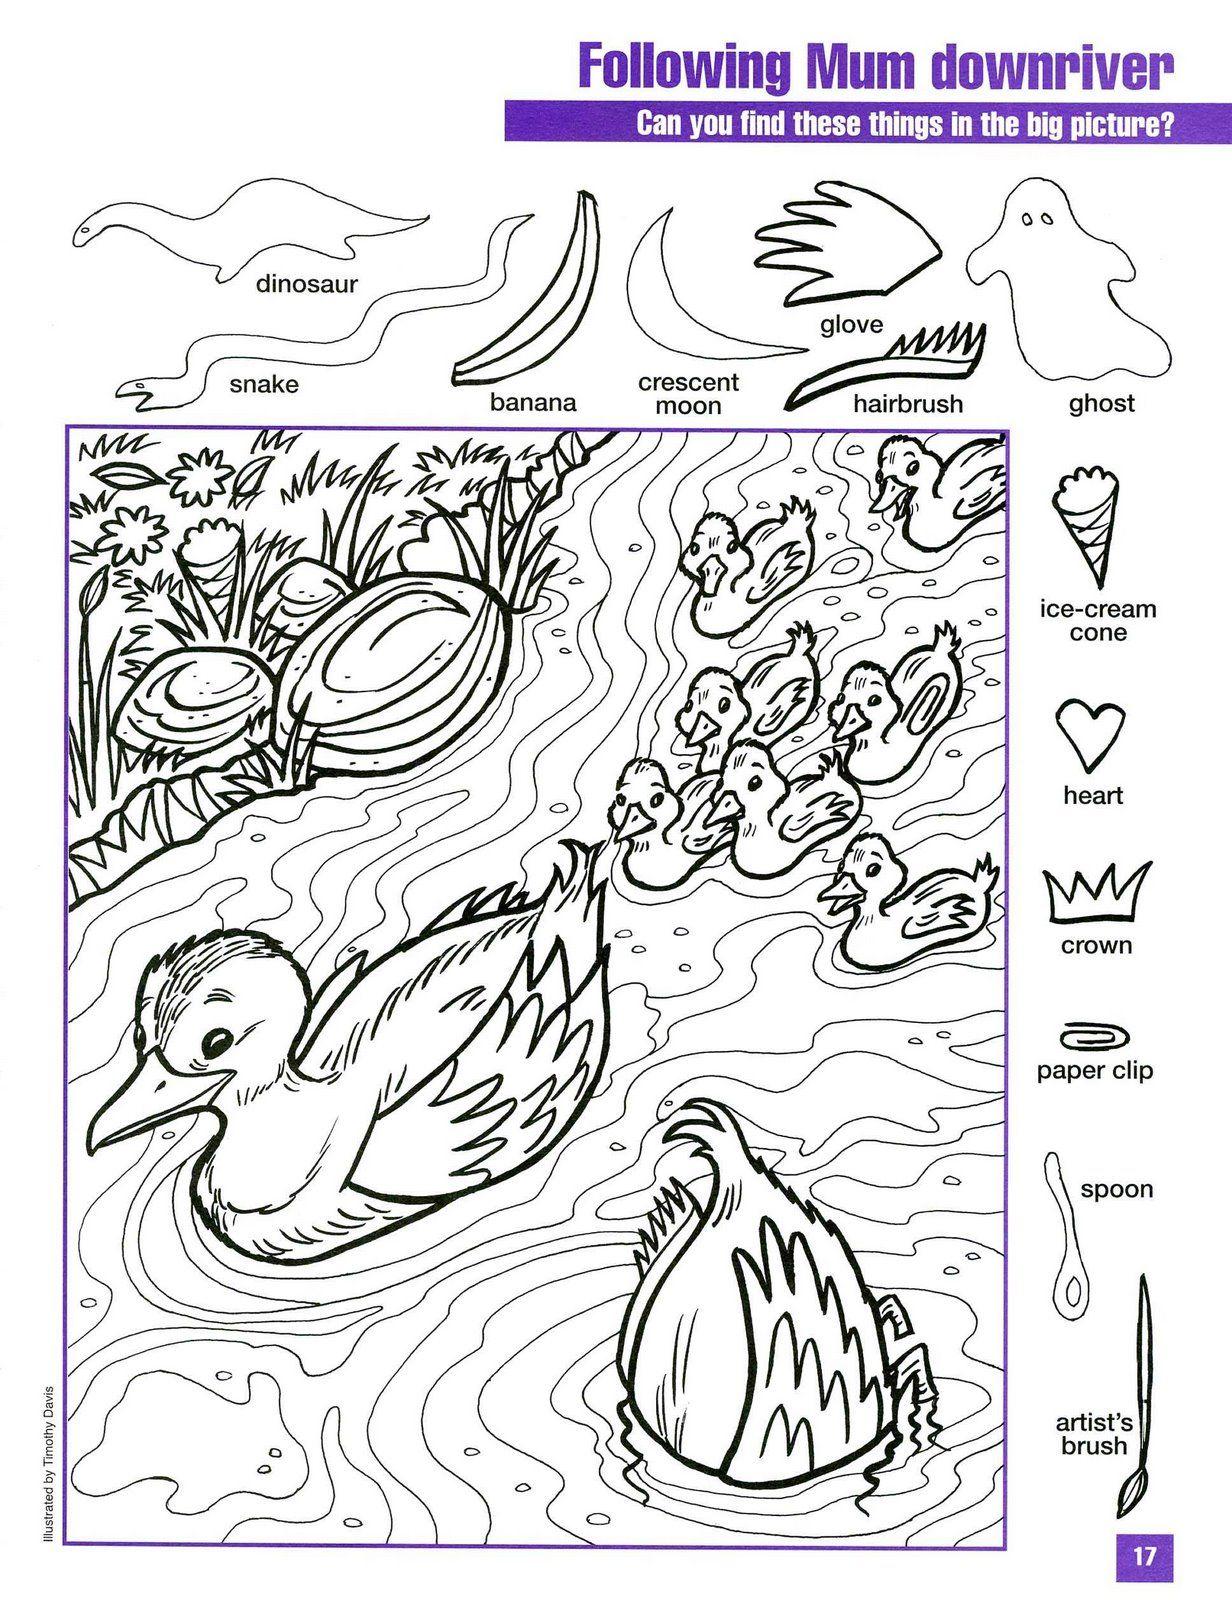 canards · Jeux AnglaisLivre De ColoriageColoriage Pour Les EnfantsColoriage EnfantVilain Petit CanardLe